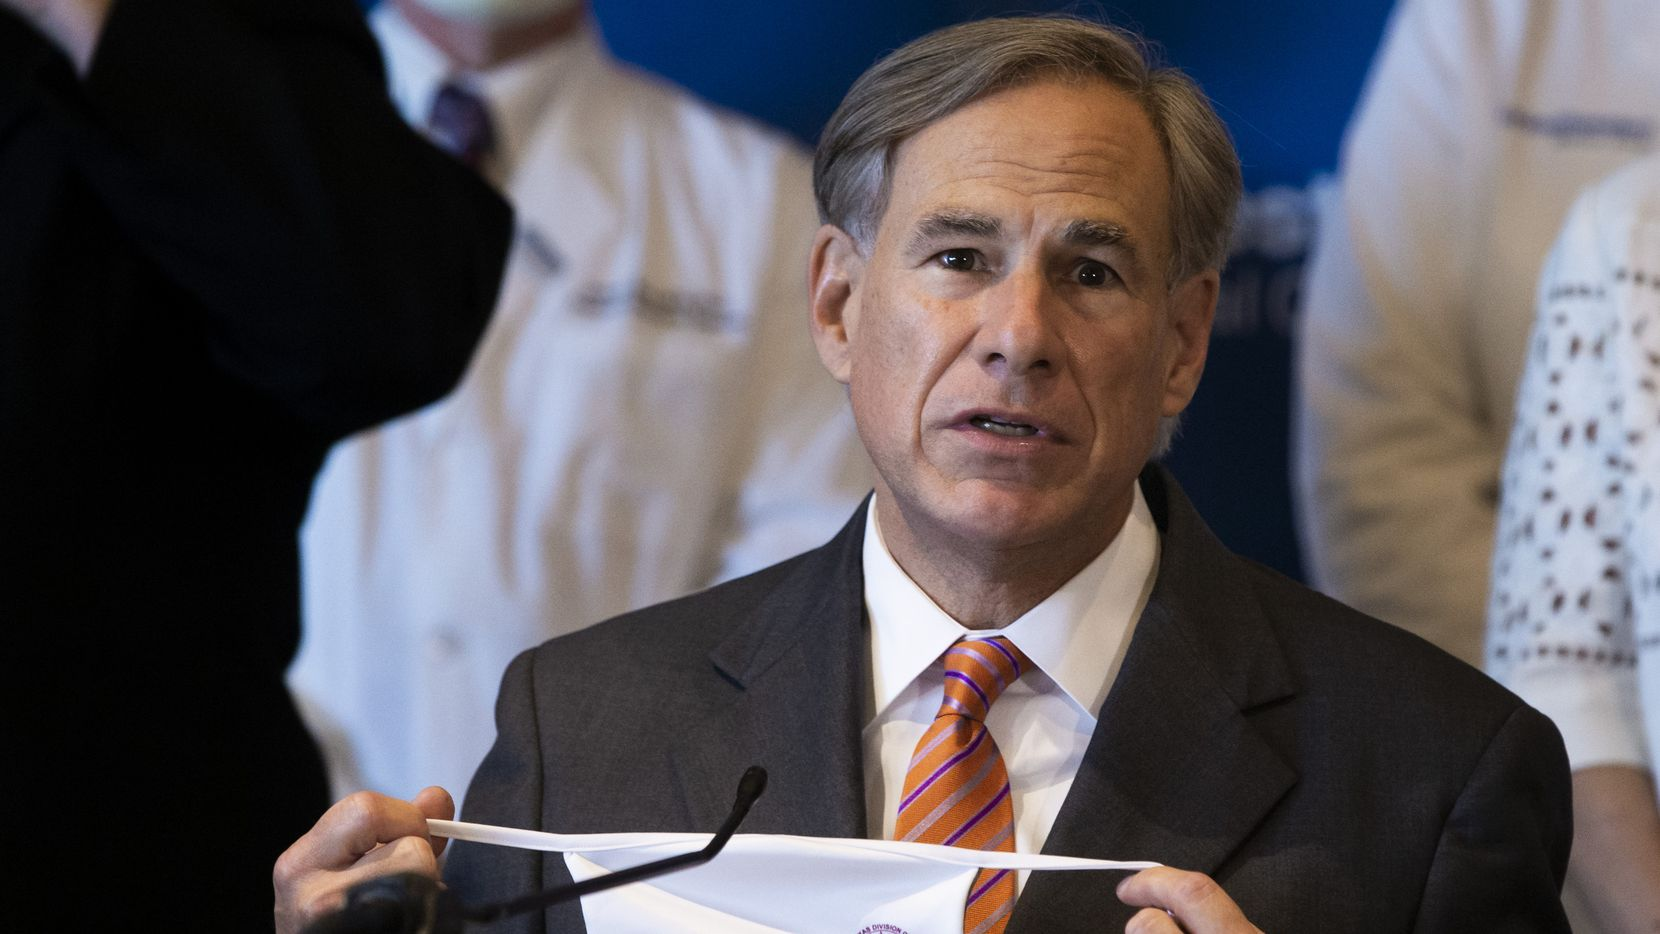 El gobernador de Texas junto a autoridades médicas del estado pidió mantener la guardia alta con respecto a covid-19 y estar preparados para la próxima temporada de la gripe.